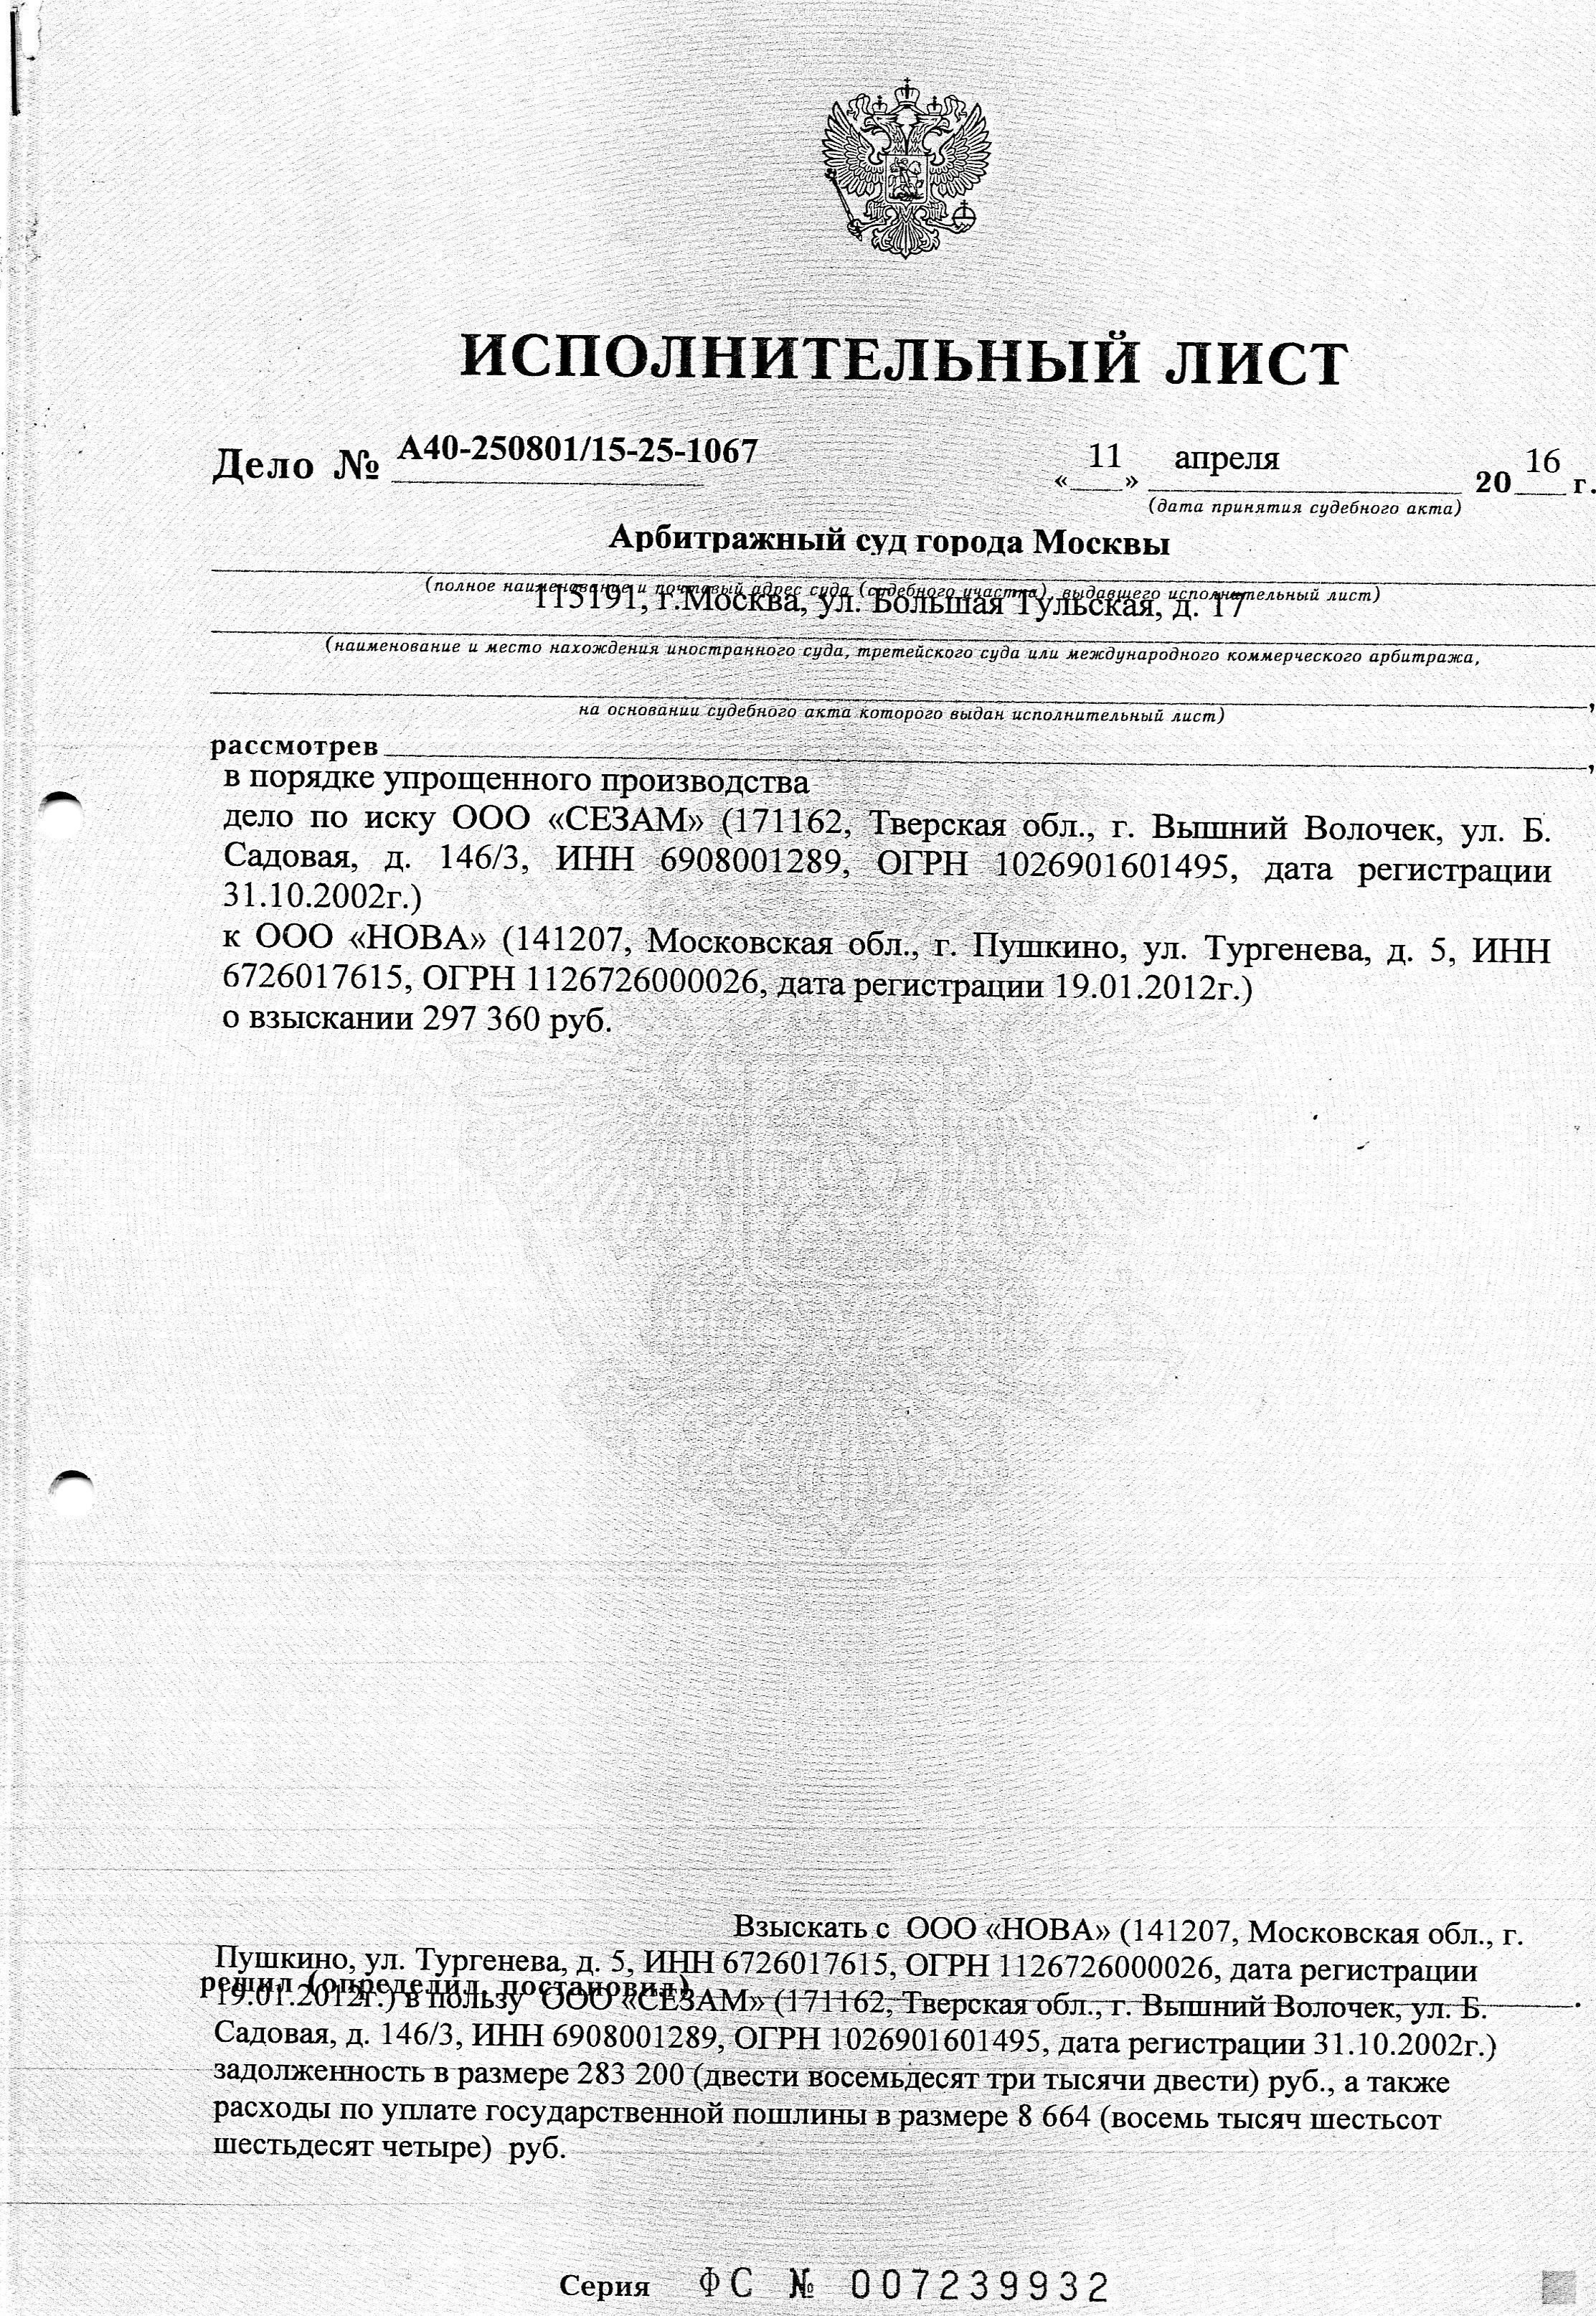 Электронные больничные листы в 2019 году Пушкино